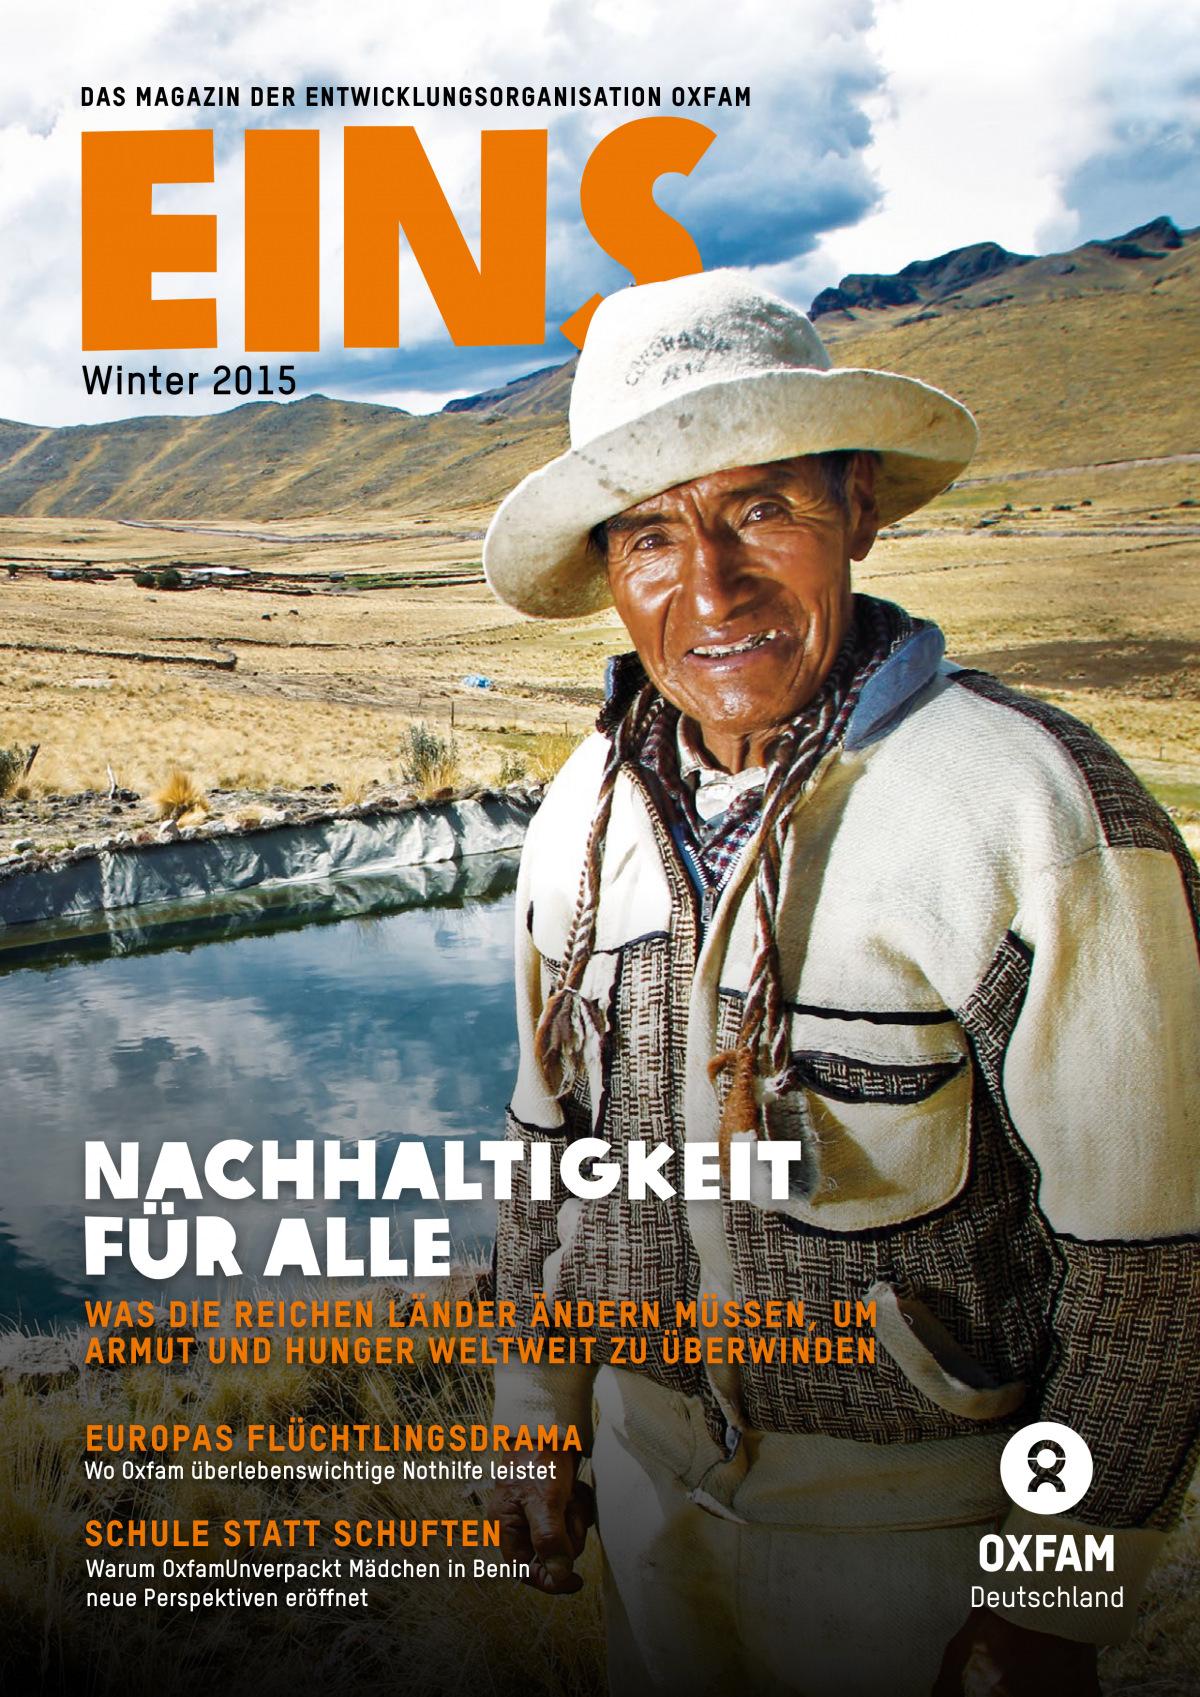 Titelbild vom Oxfam-Magazin EINS (Winter 2015)